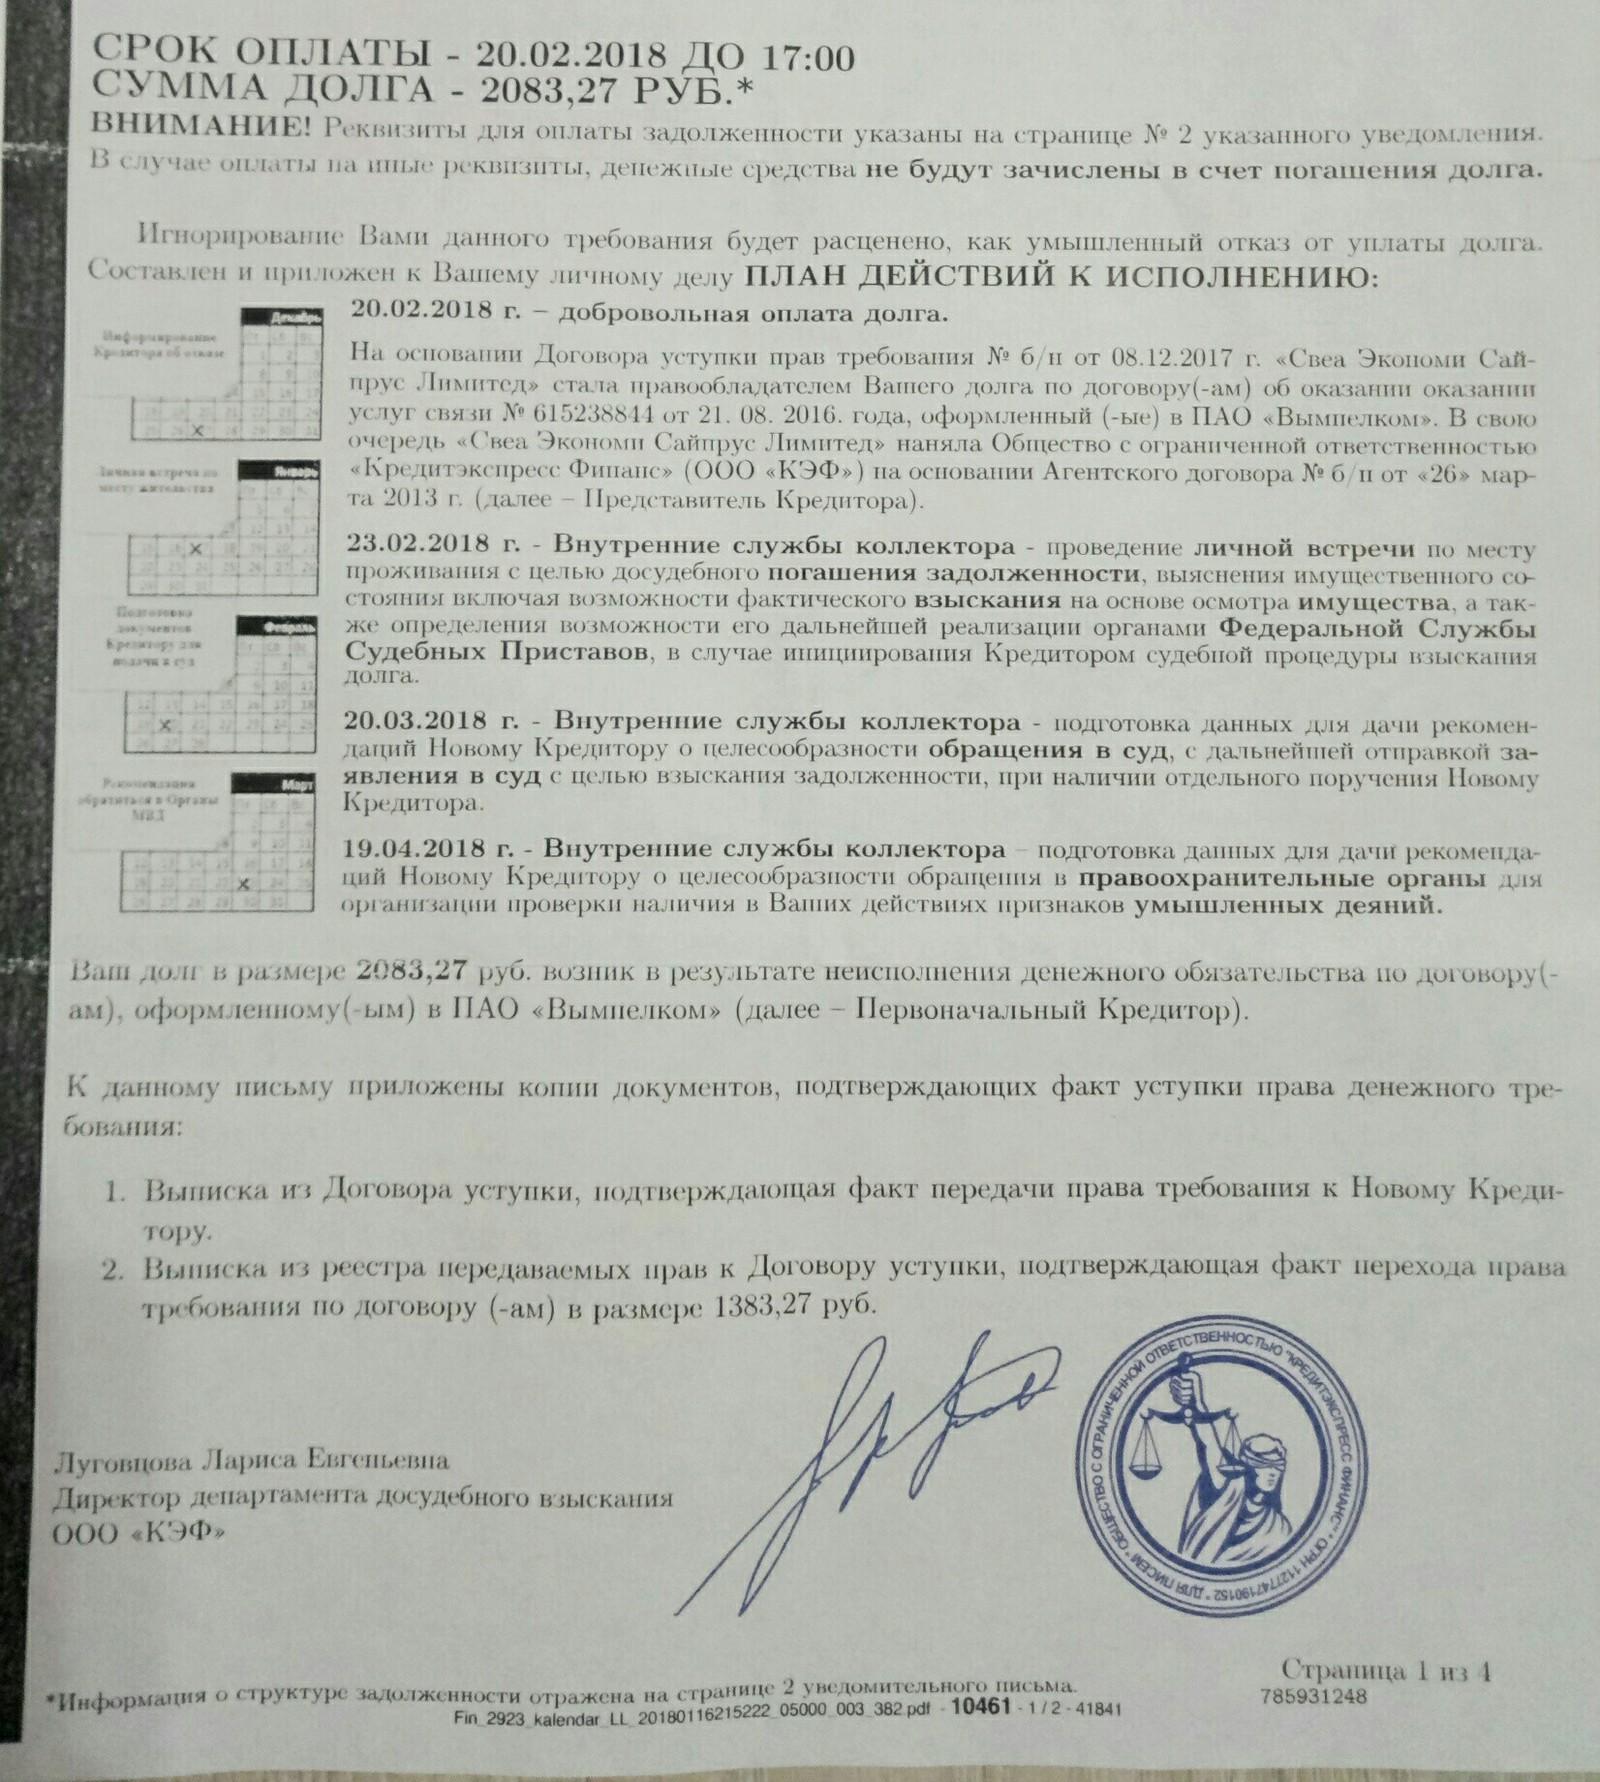 Билайн передали долг коллекторам открыть счет в банке чтобы не арестовали приставы